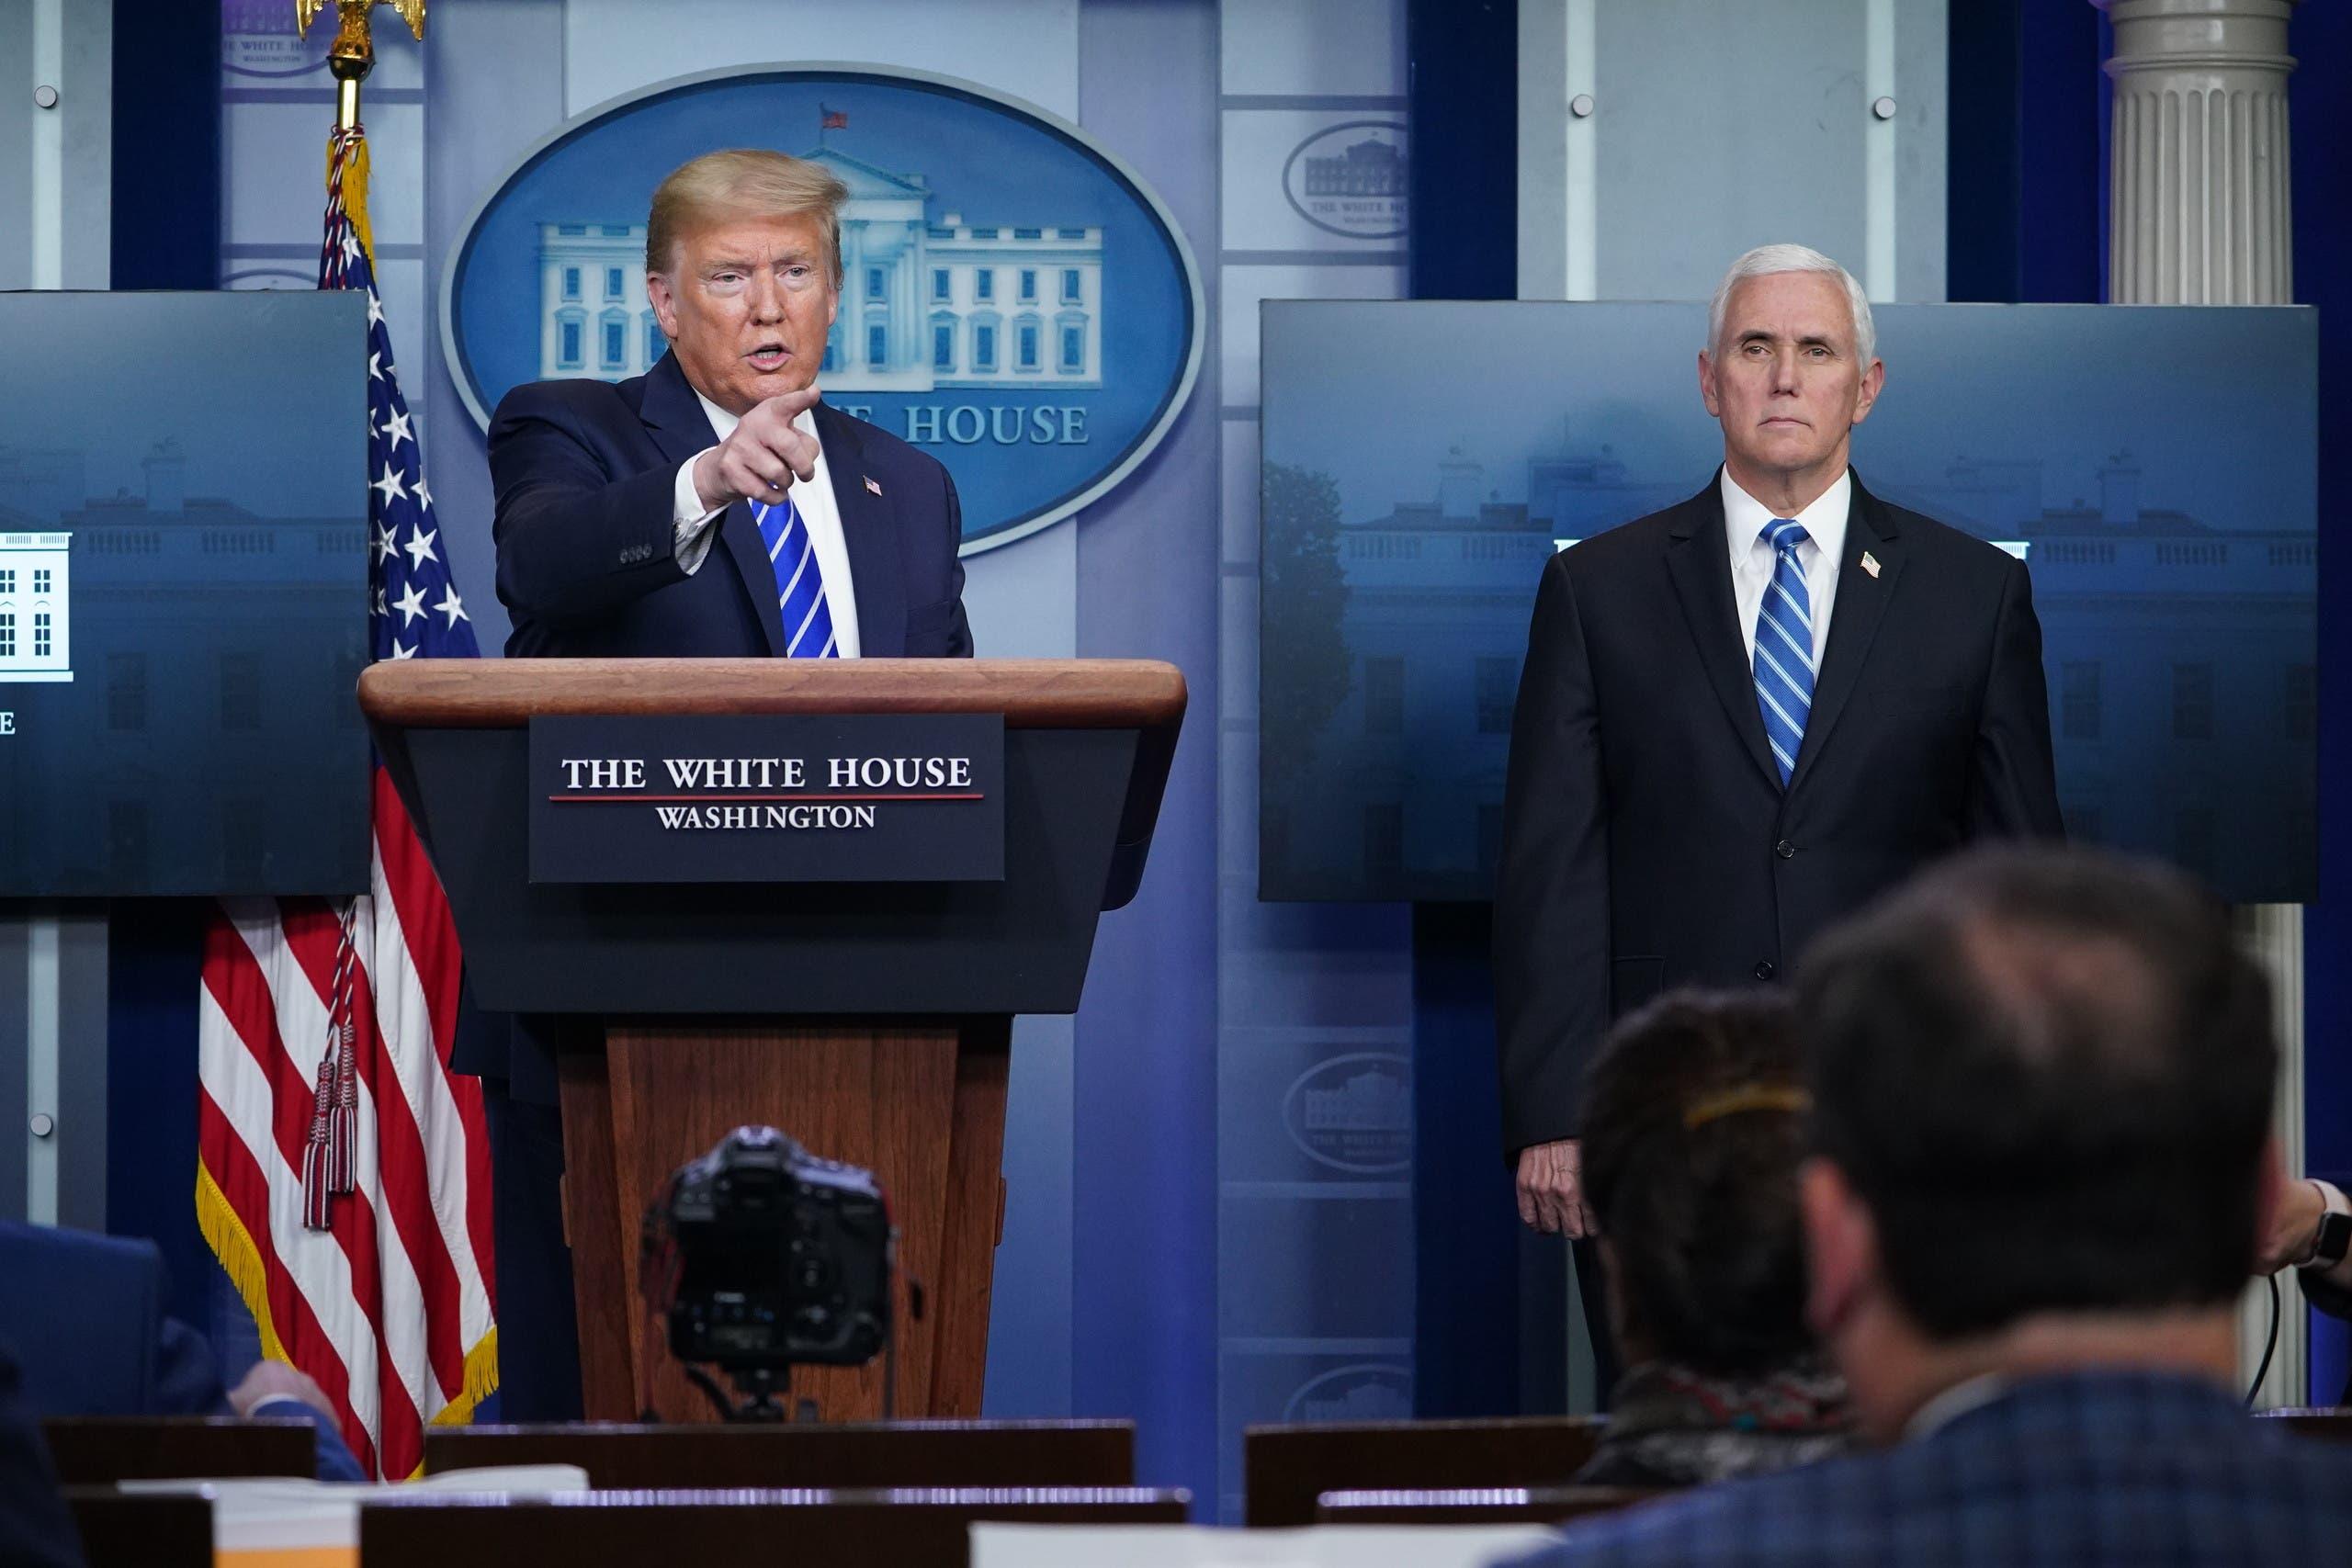 الرئيس الأميركي دونالد ترمب ونائبه مايك بنس